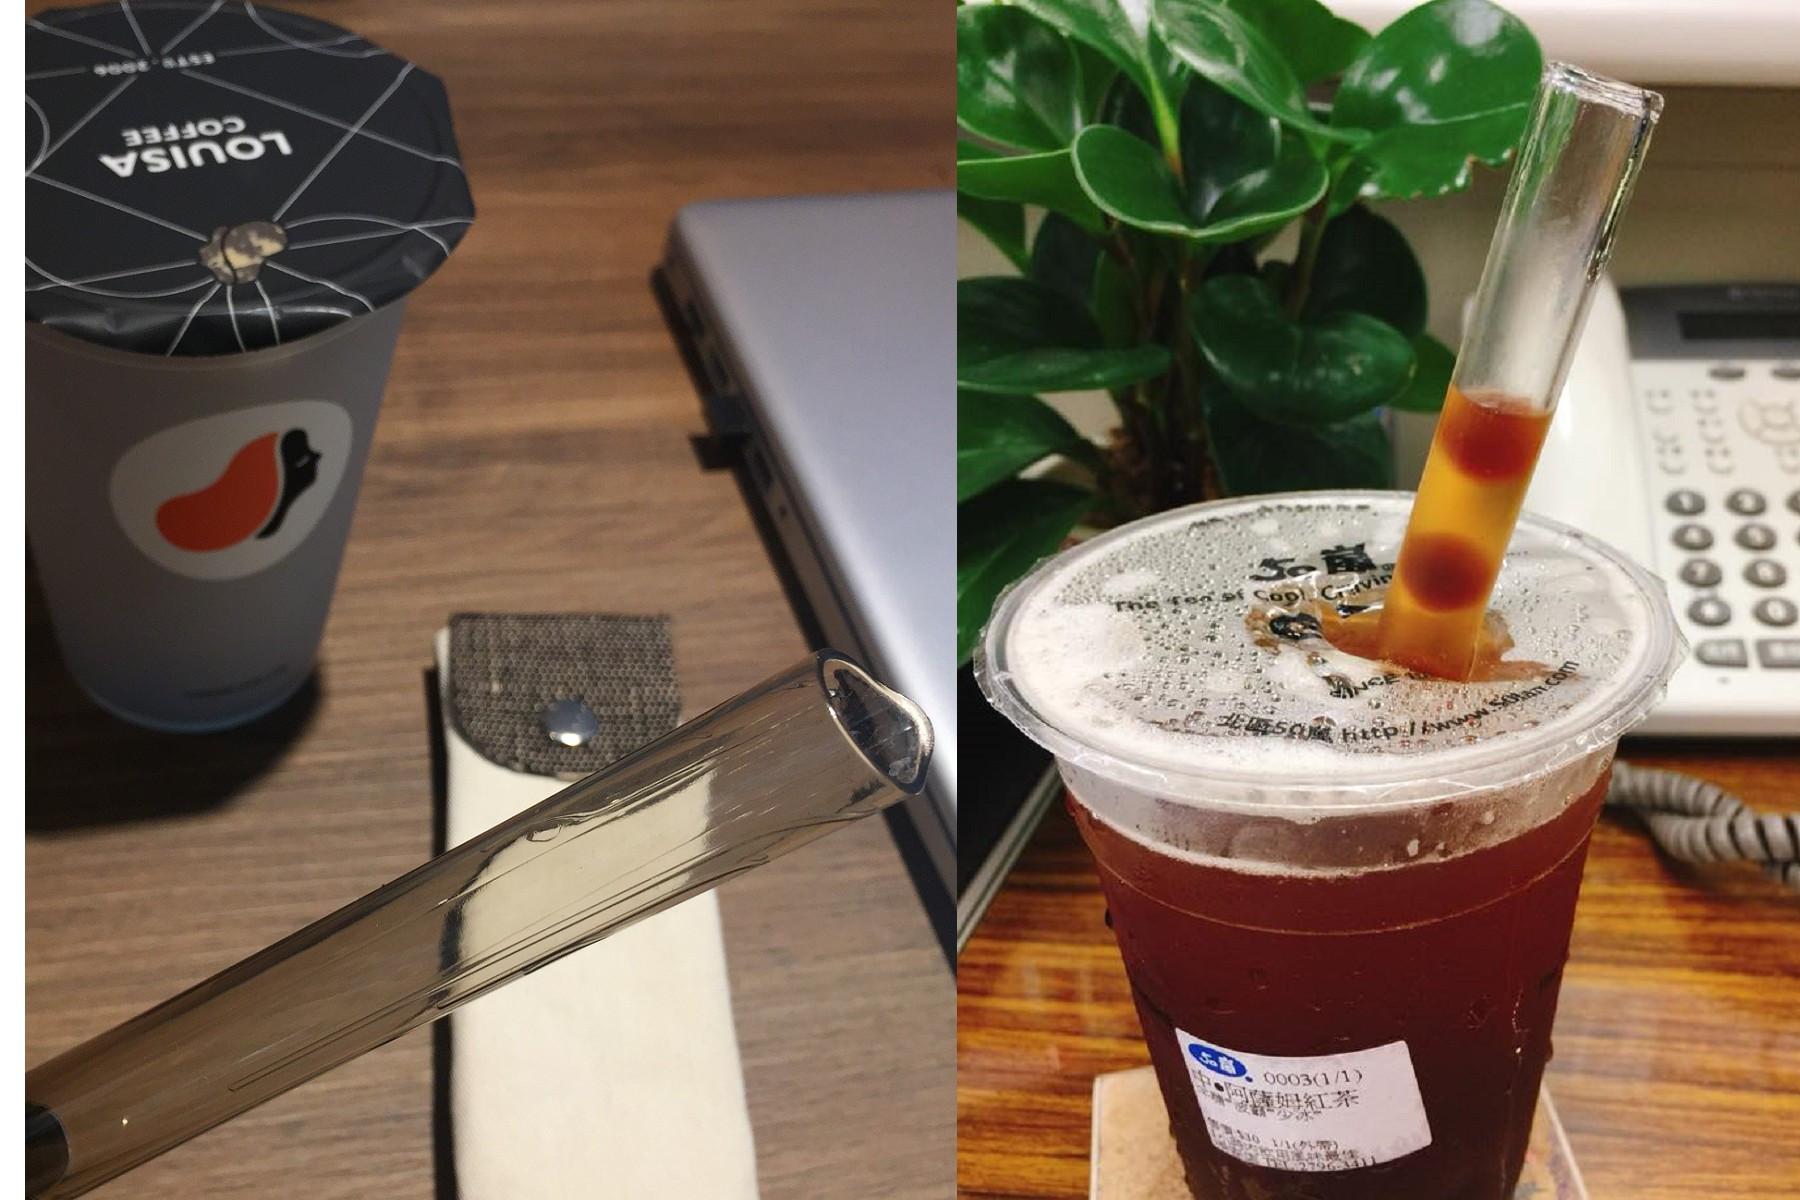 nubo 減塑減碳,任何都可吸~1秒組裝可拆式環保吸管的第 5 張圖片